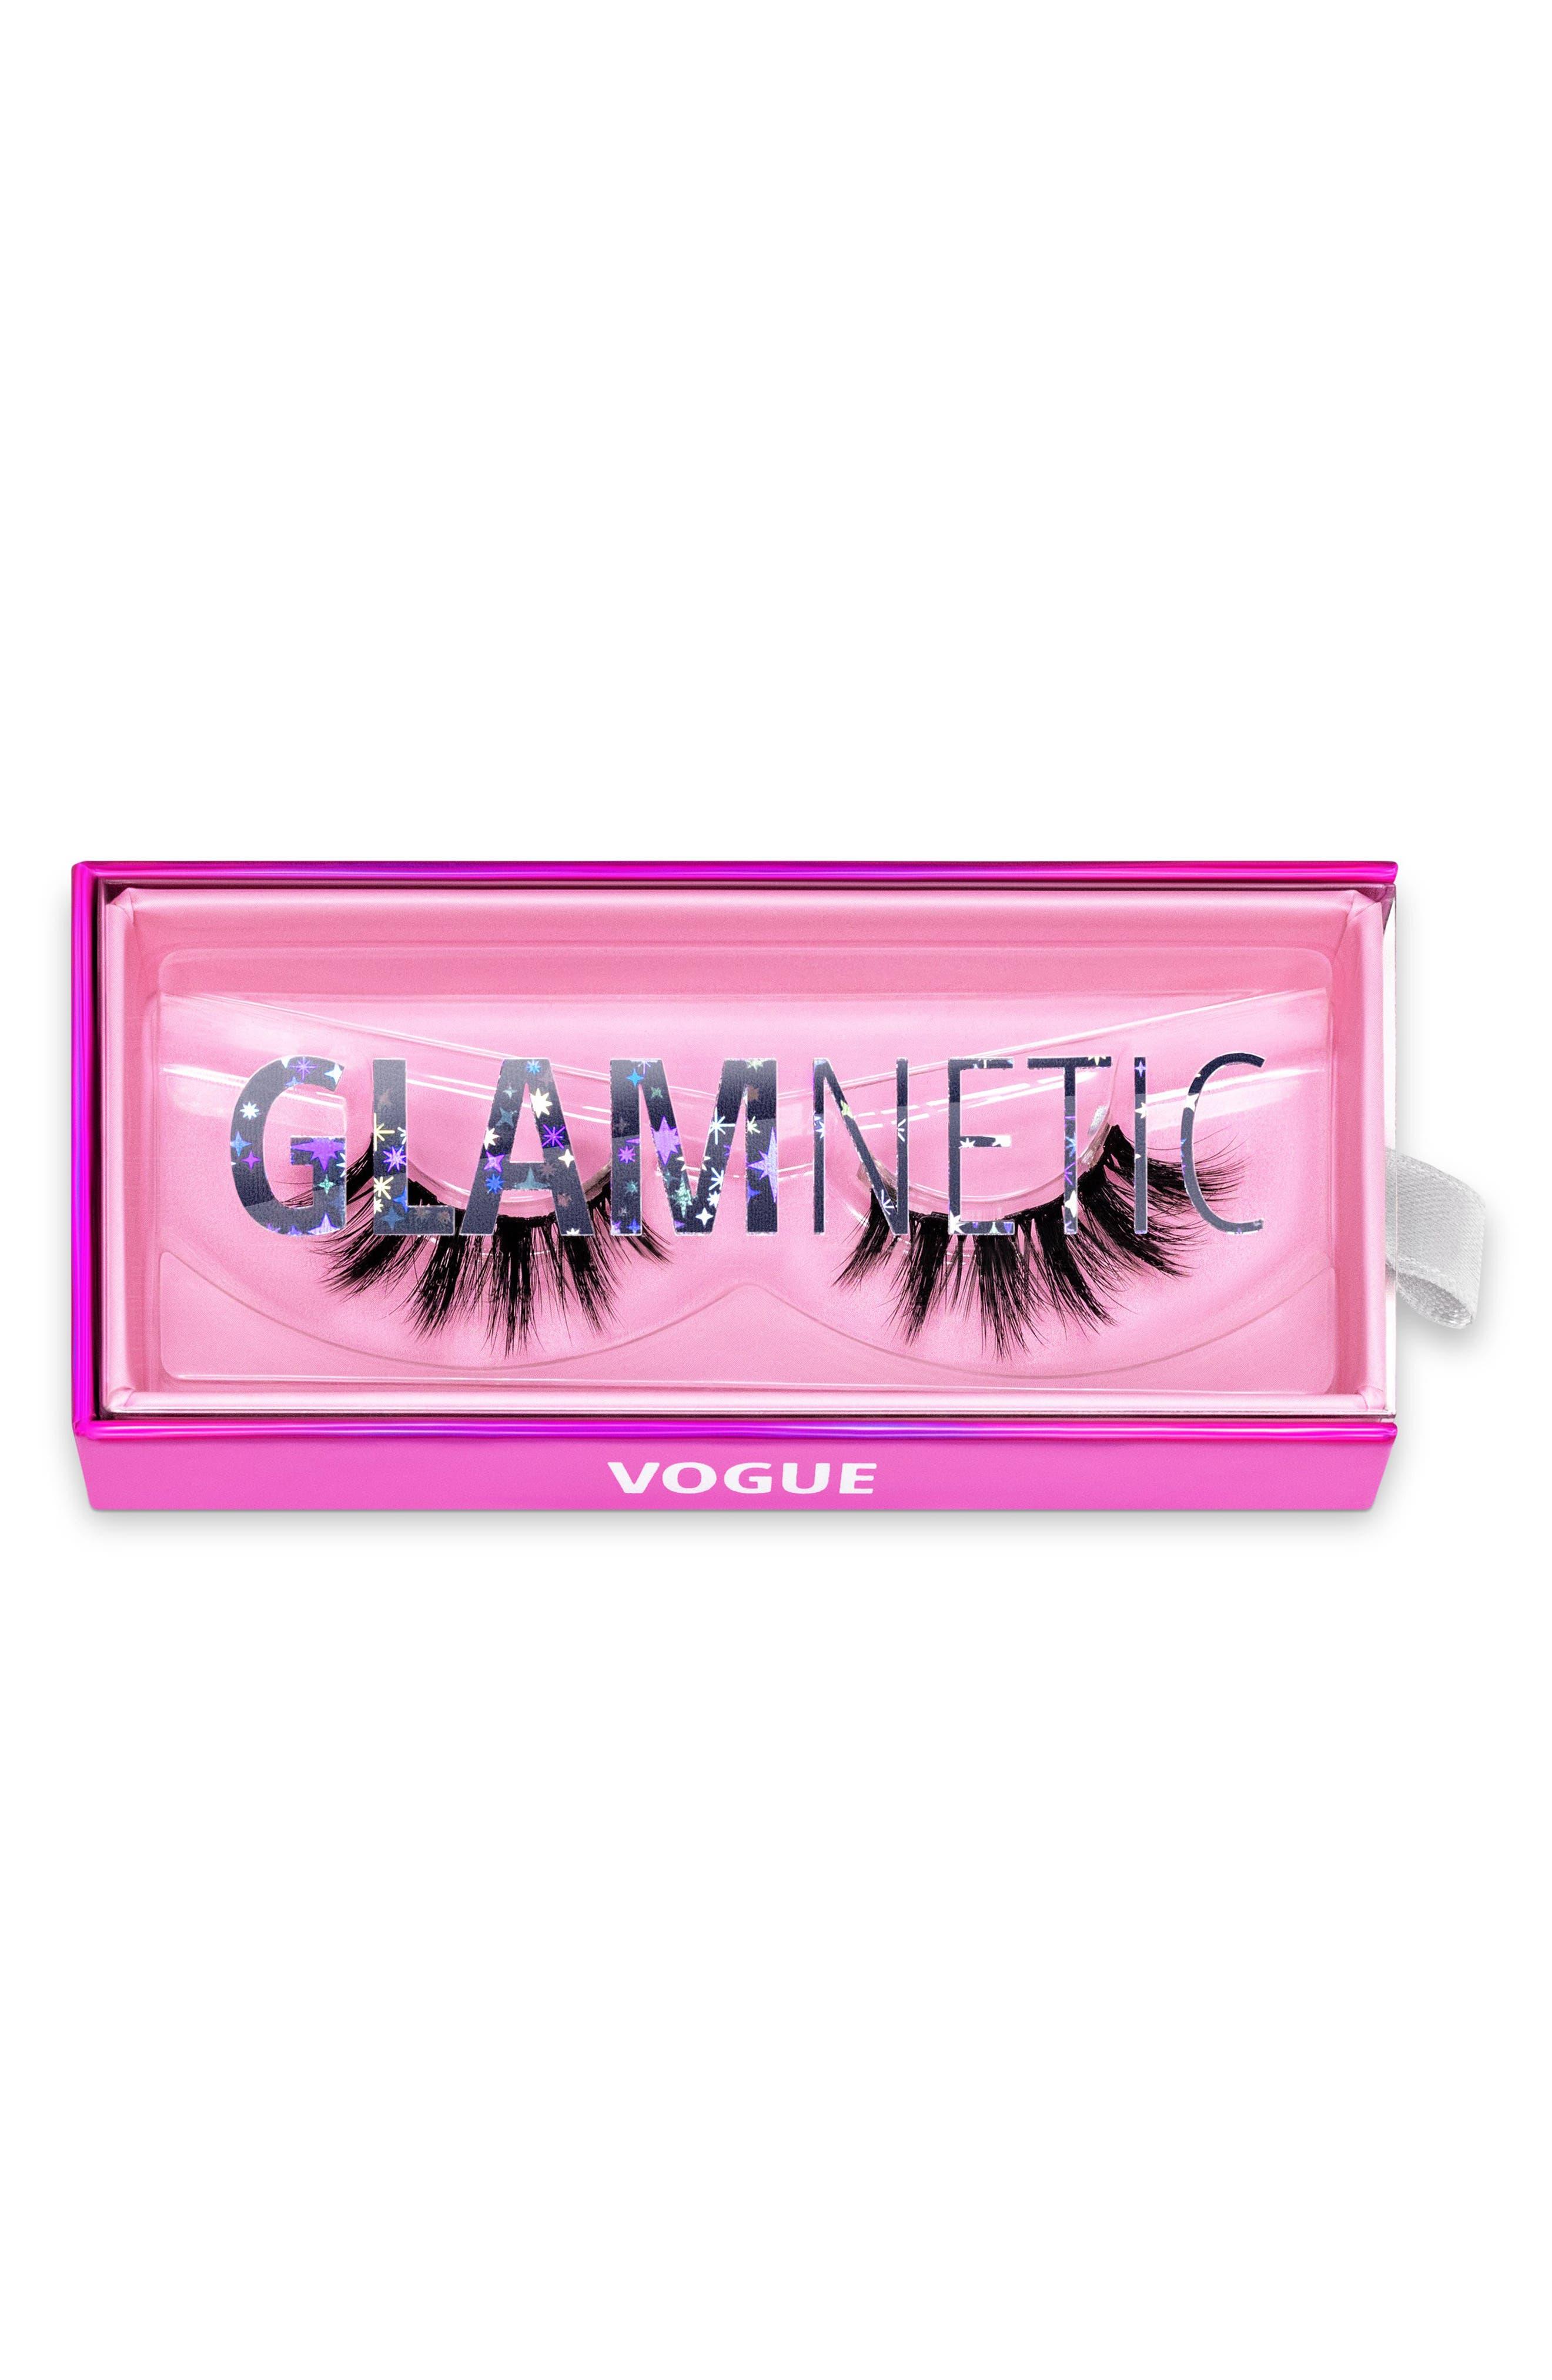 Vogue Magnetic False Eyelashes